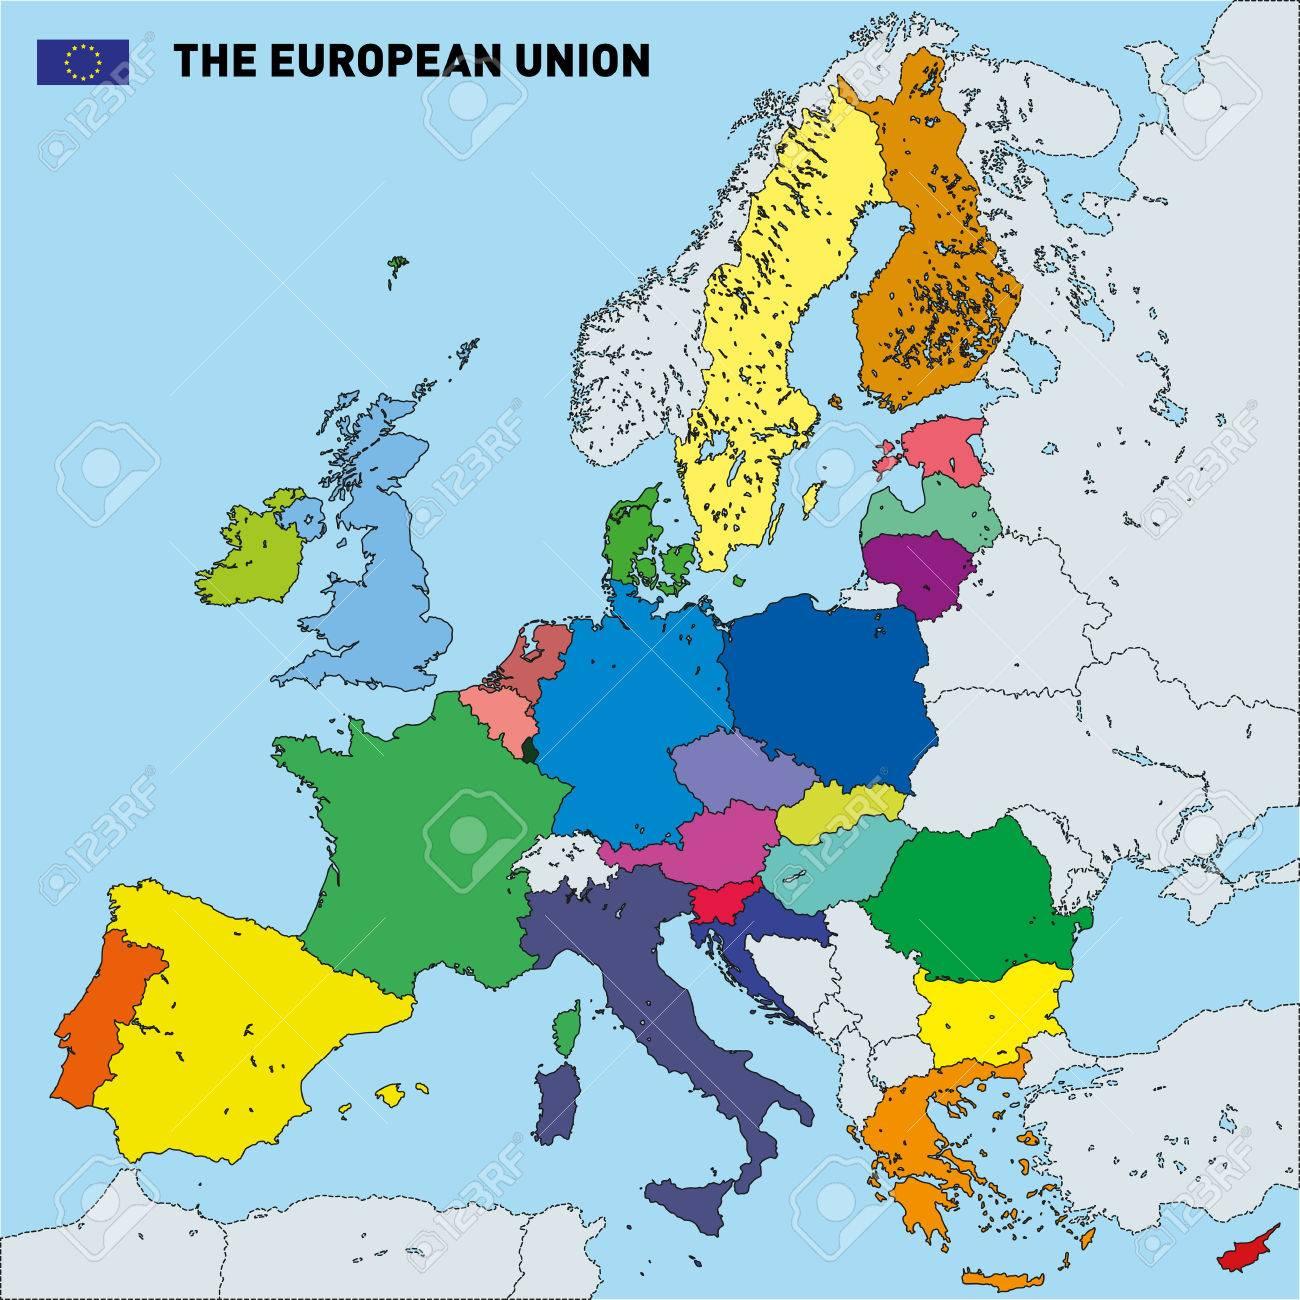 Vector Très Détaillée Carte Politique De L'union Européenne Avec Des  Drapeaux Et Capitales. Tous Les Éléments Sont Séparés Dans Des Couches destiné Les Capitales De L Union Européenne